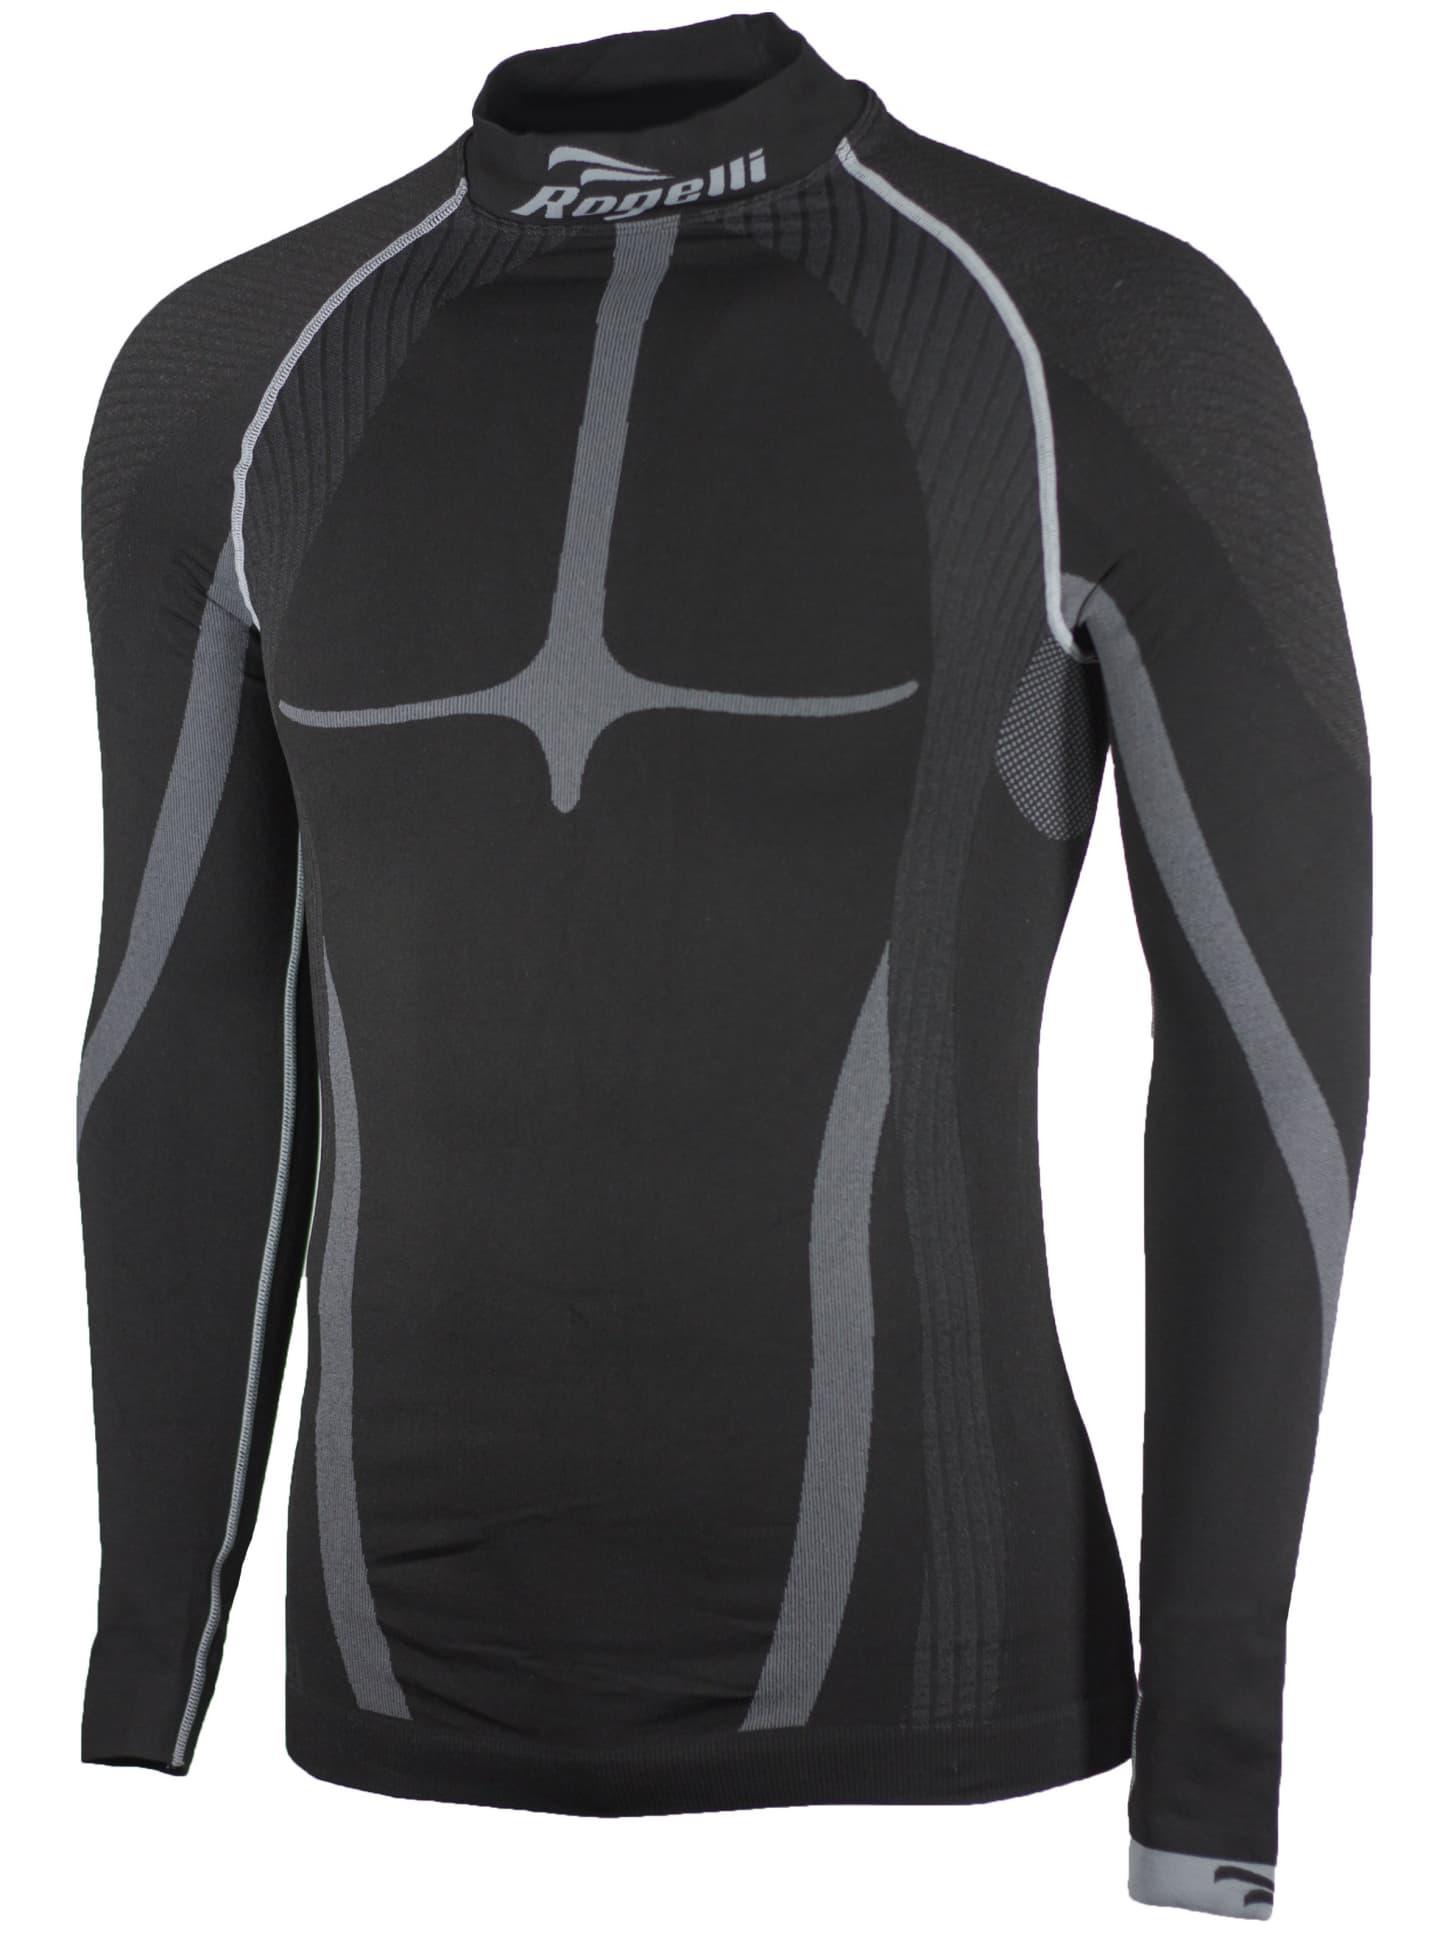 9e58c9640 KOMPRESNÉ funkčné tričko Rogelli, dlhý rukáv, čierno-šedé | Rogelli.sk